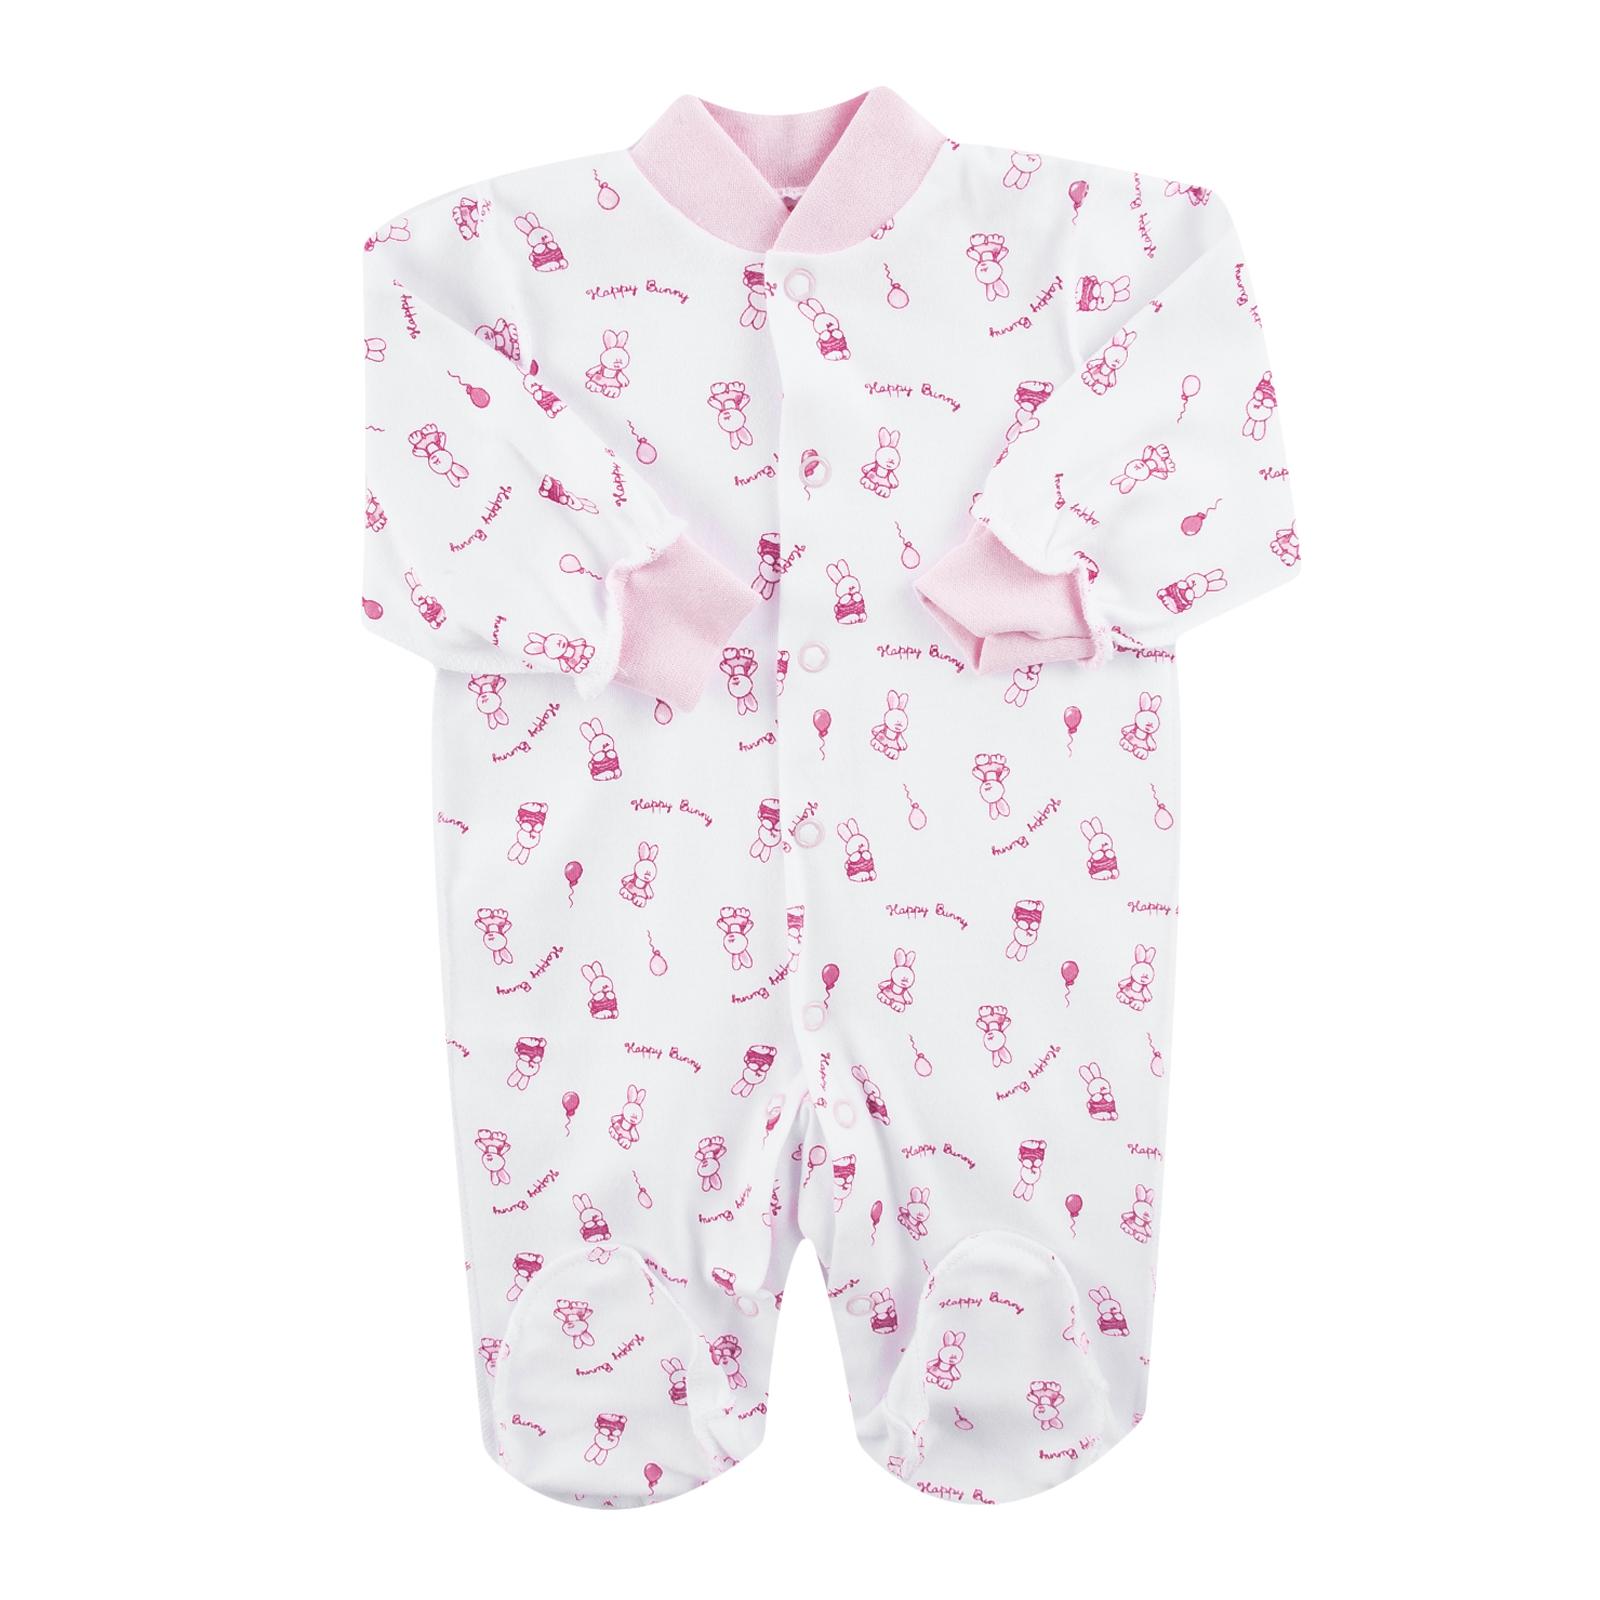 Комбинезон КОТМАРКОТ для девочки, цвет набивка розовый тон 9-12 мес (размер 80)<br>